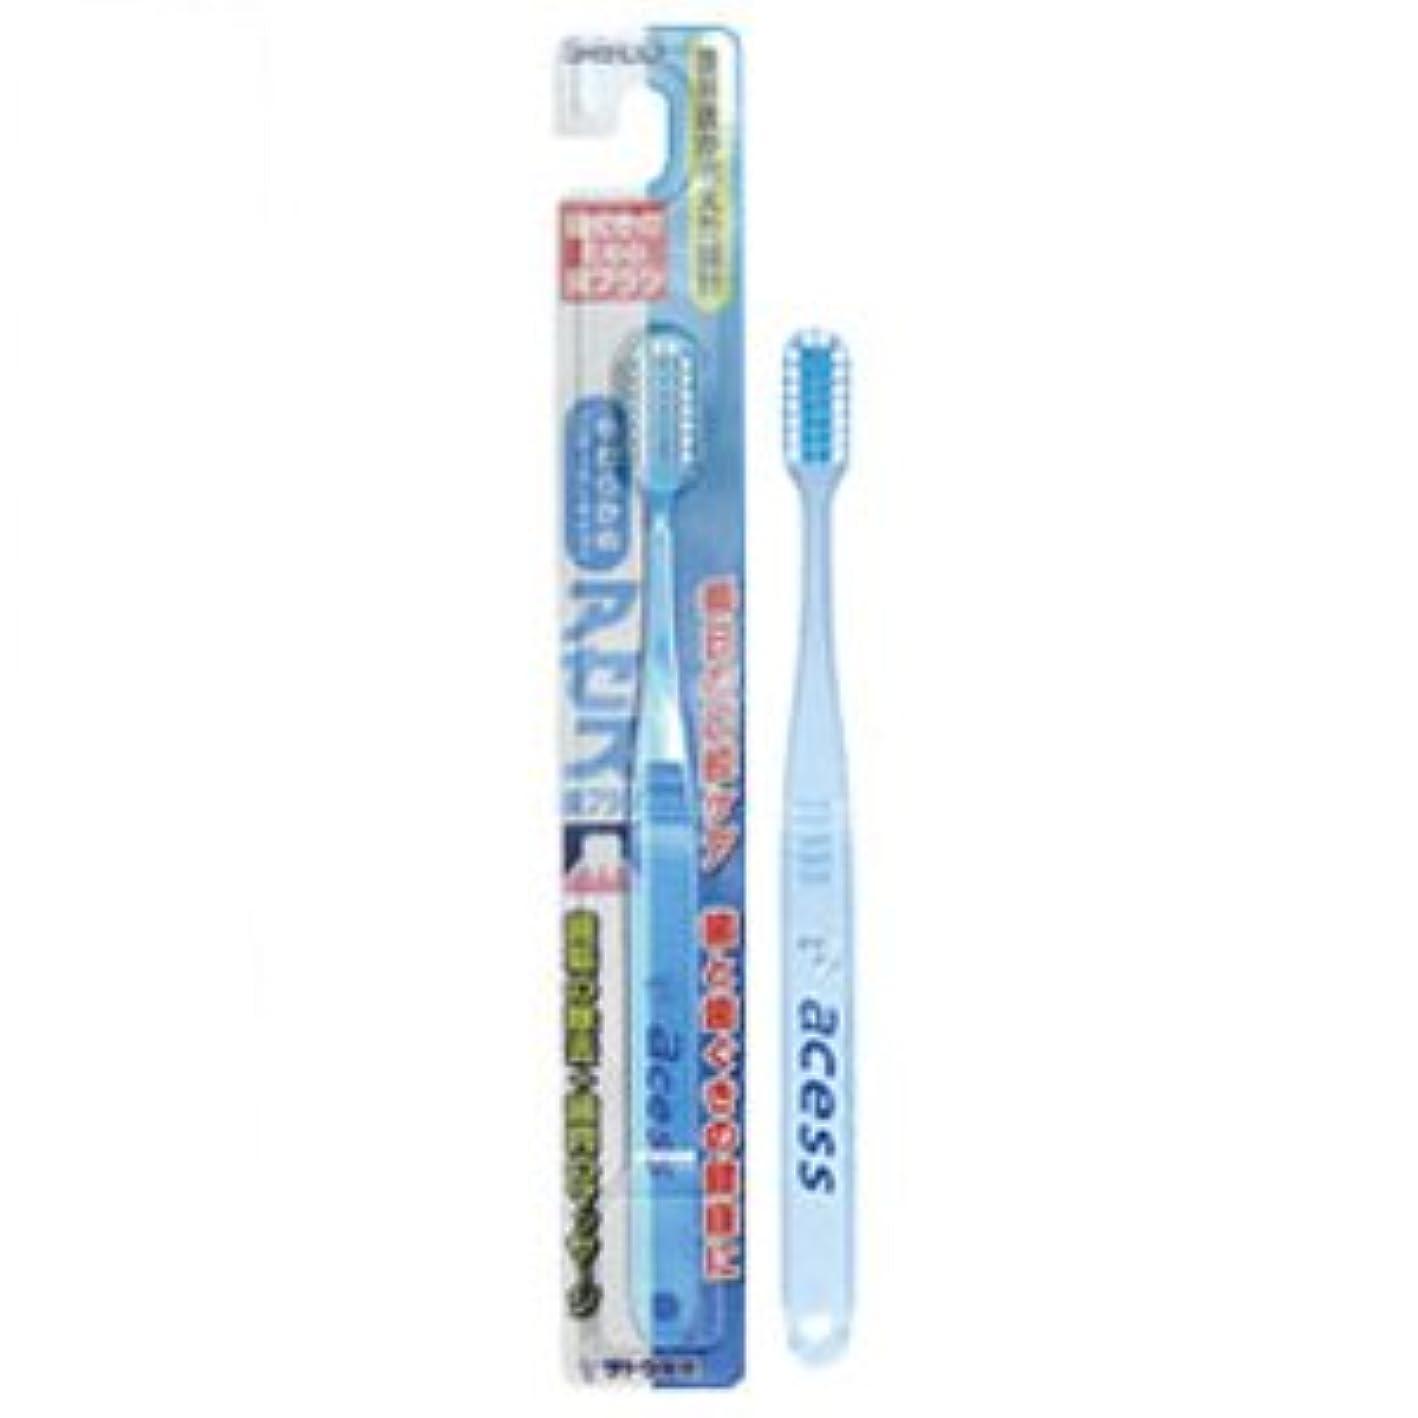 有効化評価可能足枷アセス歯ブラシ やわらかめ(レギュラータイプ) ブルー 12本